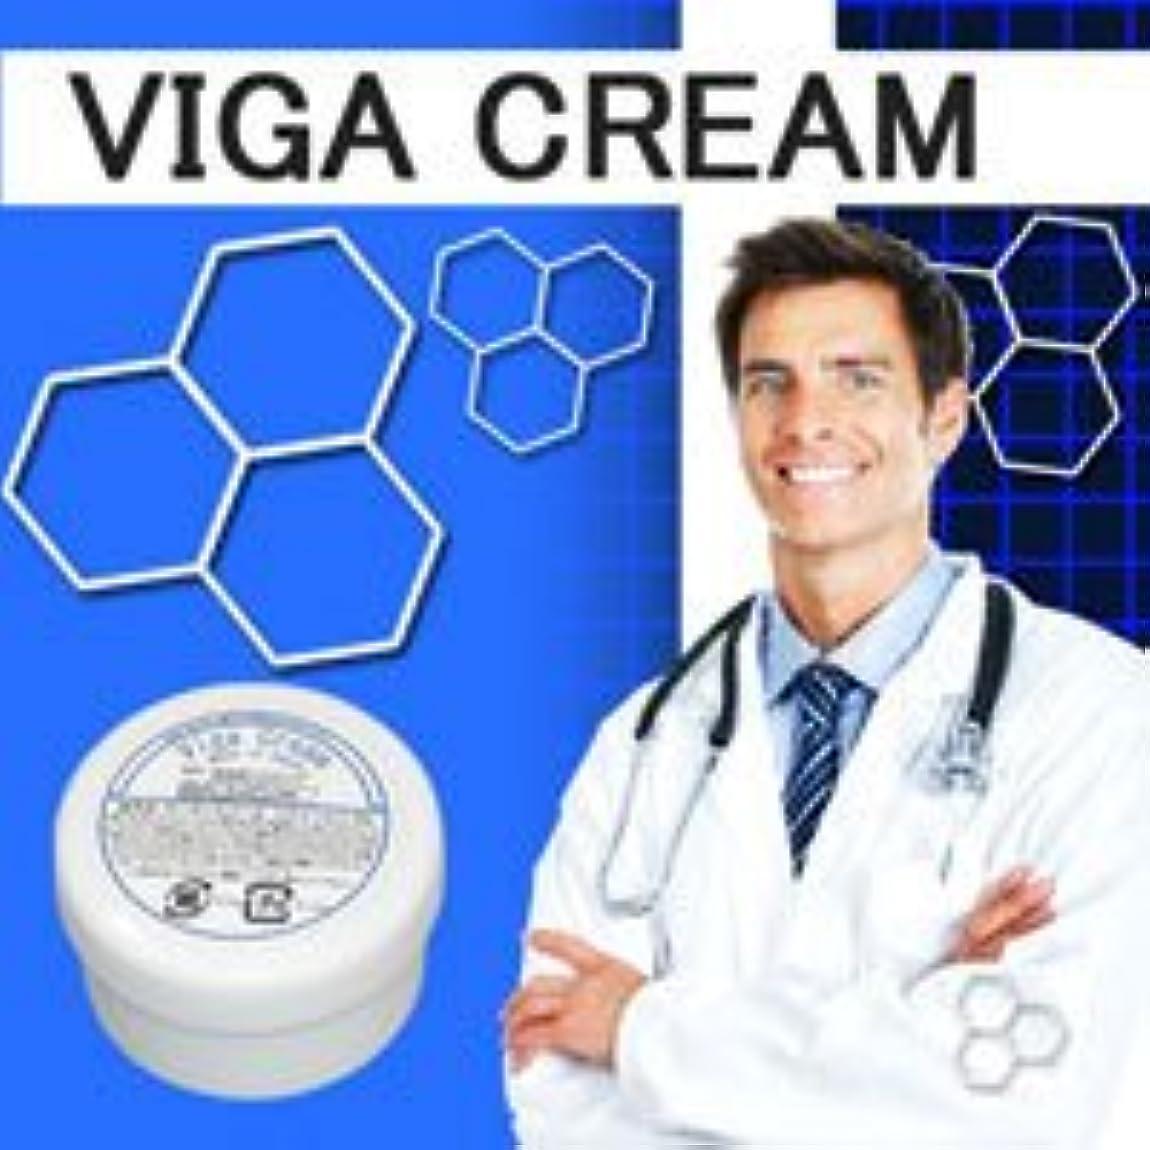 起業家コーンしないでください■正規品■ヴィガークリーム